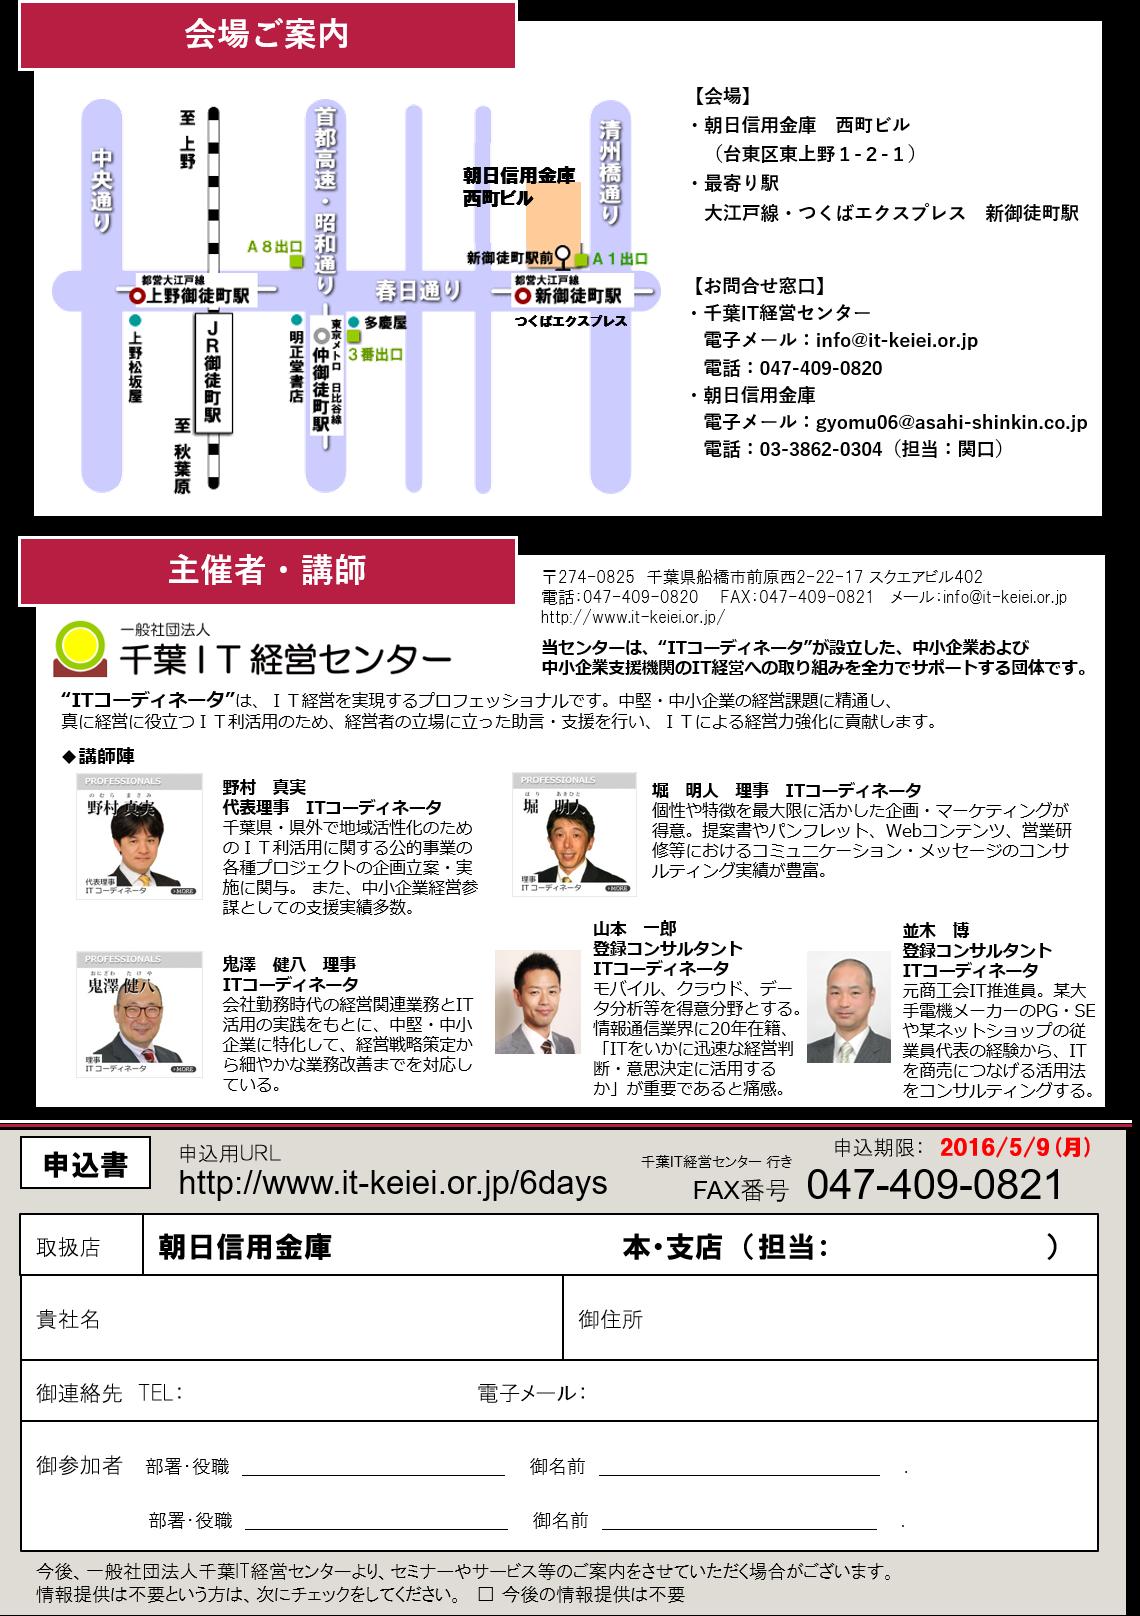 20160415_IT経営リーダー育成研修チラシV5裏